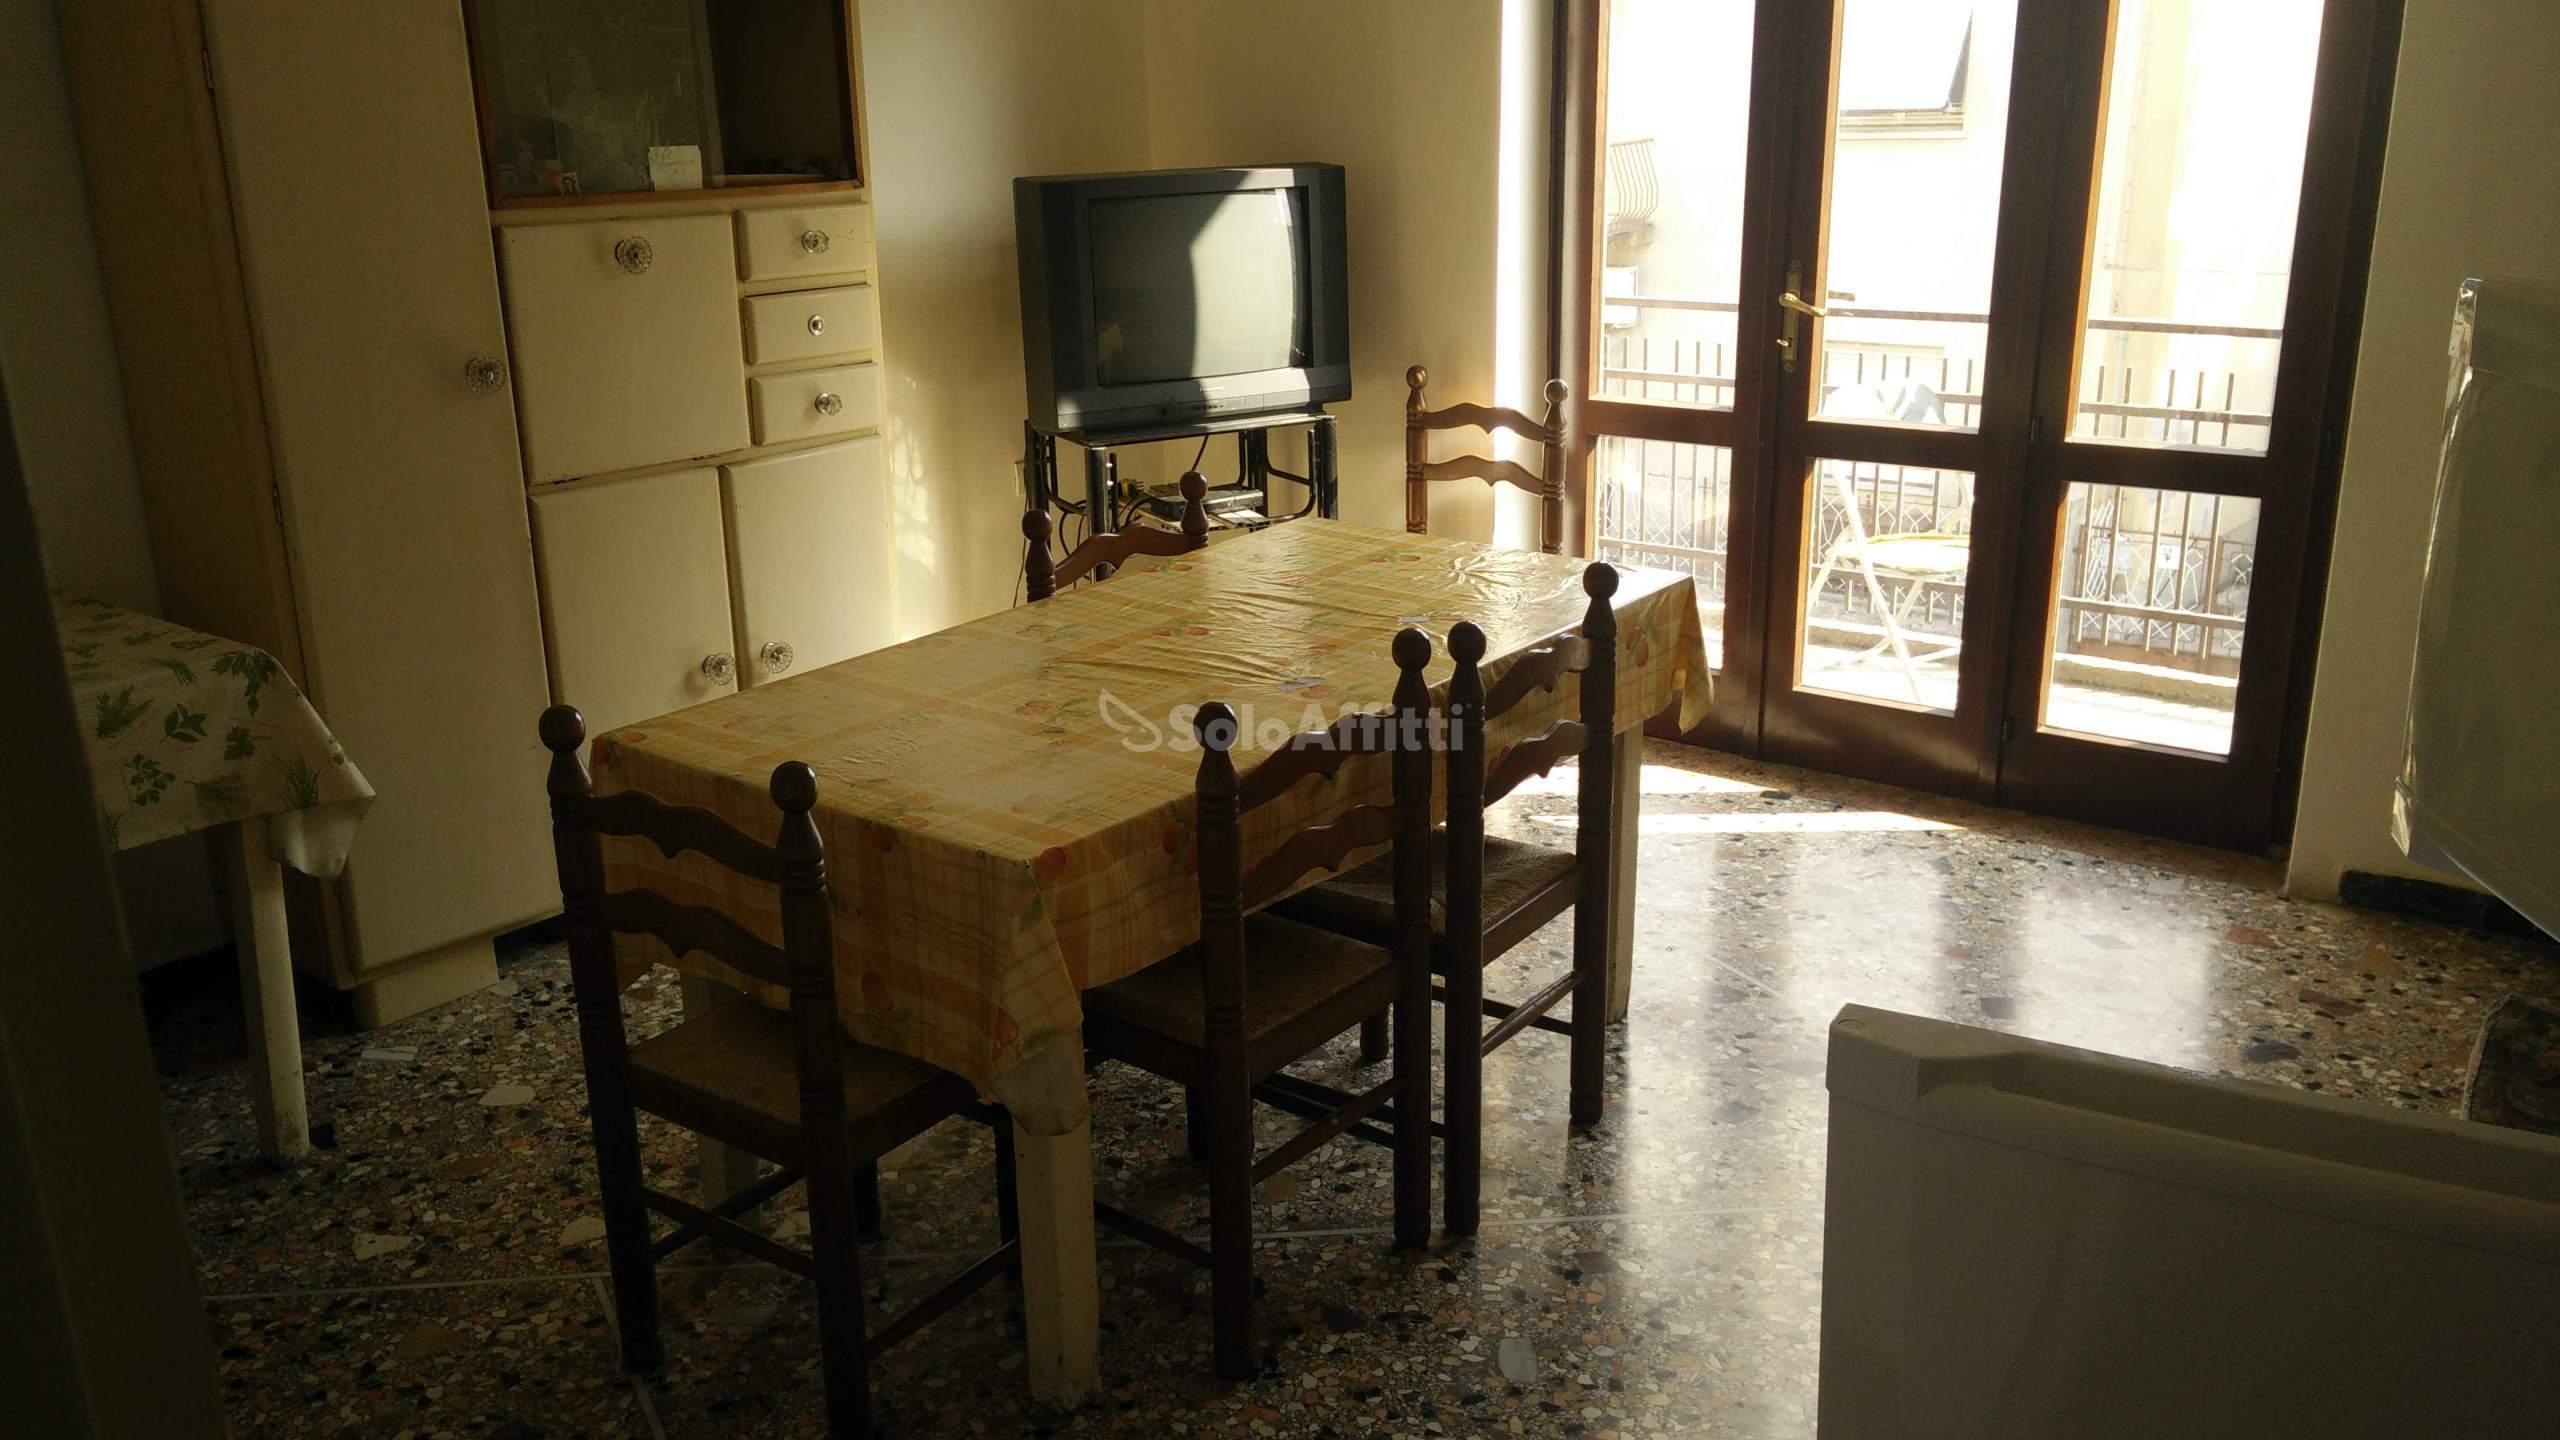 Appartamento Trilocale Arredato 5 vani 100 mq.